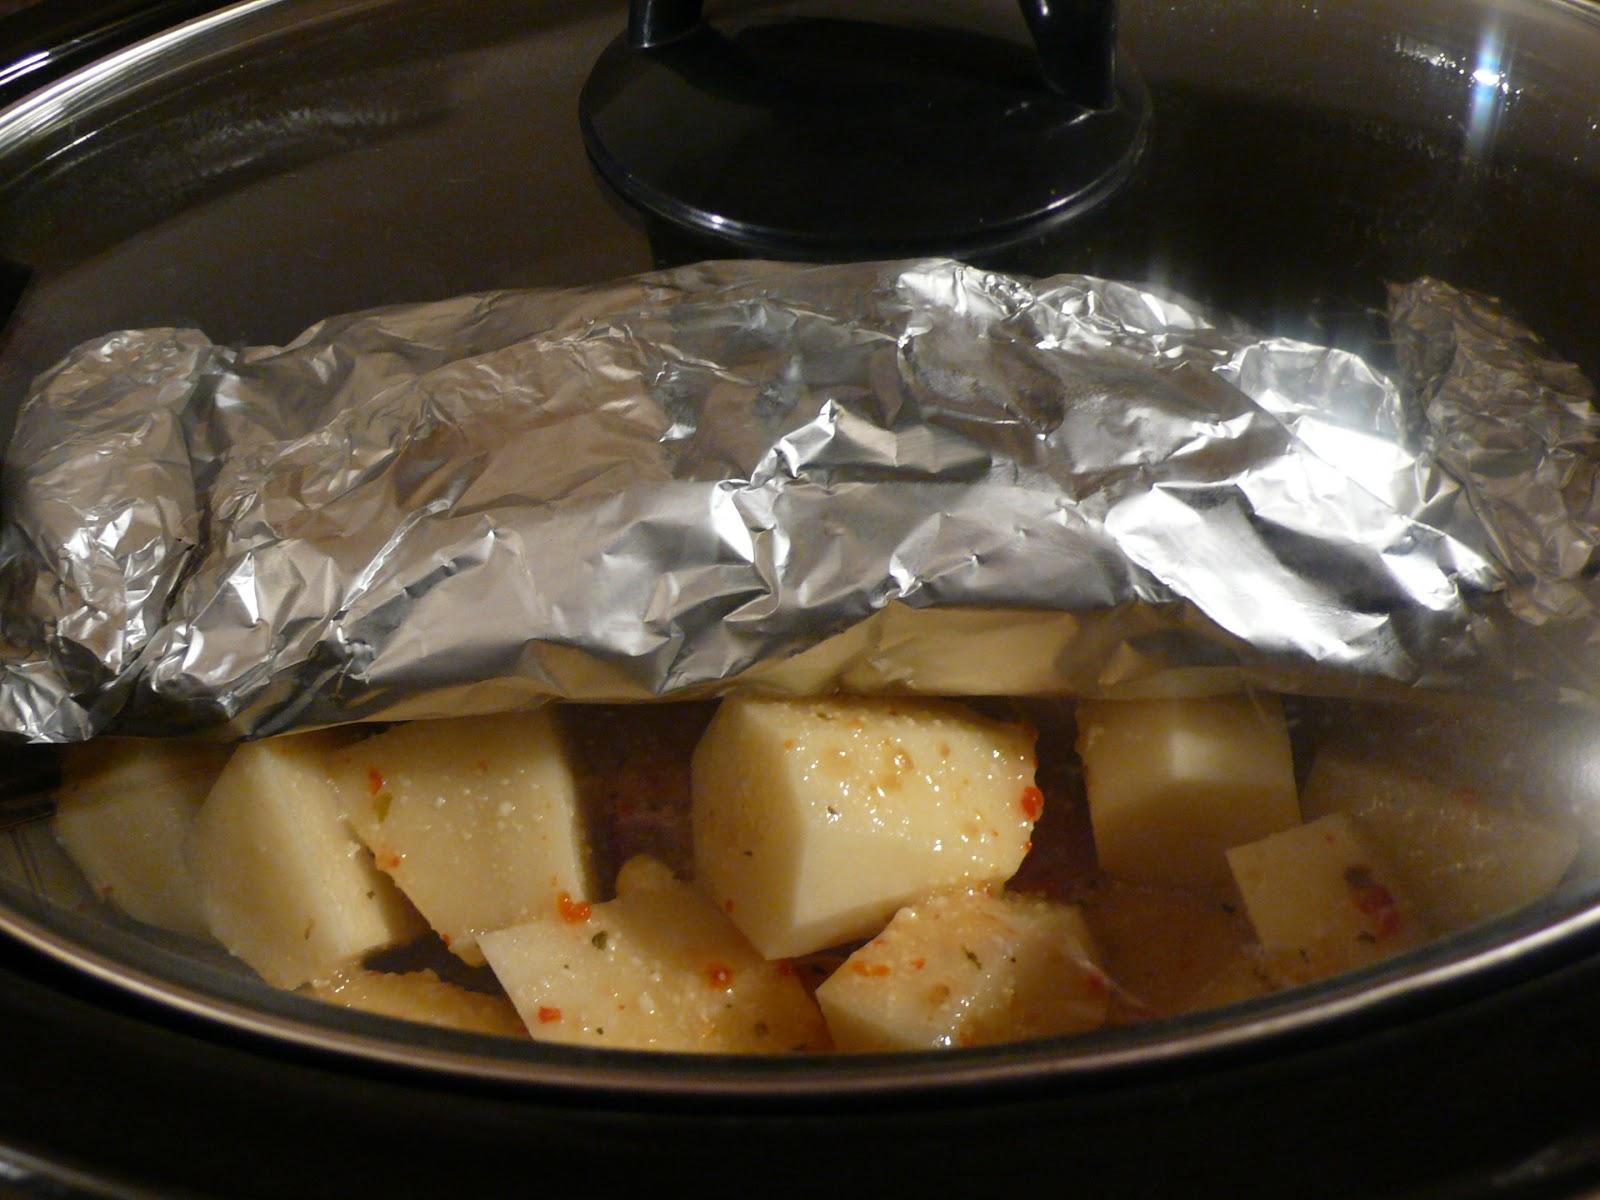 ... Domestic: Slow Cooker All-In-One Italian Pork Tenderloin Dinner